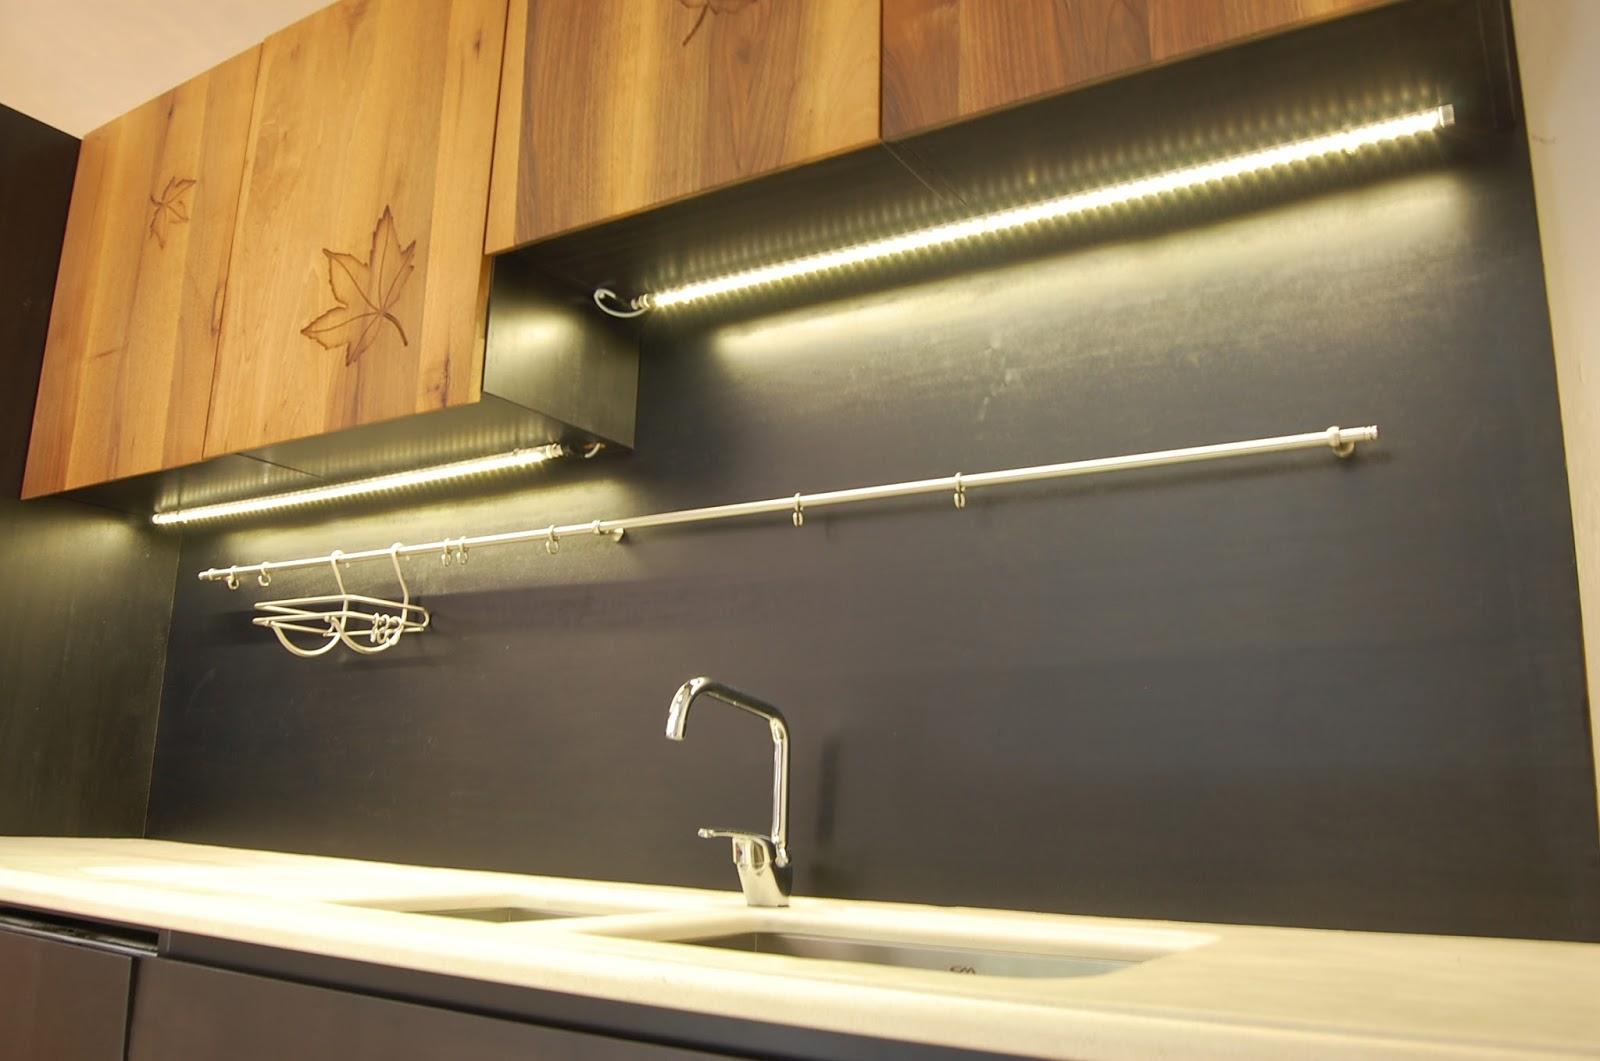 Luci Sottopensili Cucina | Forum Arredamento It Illuminazione ...